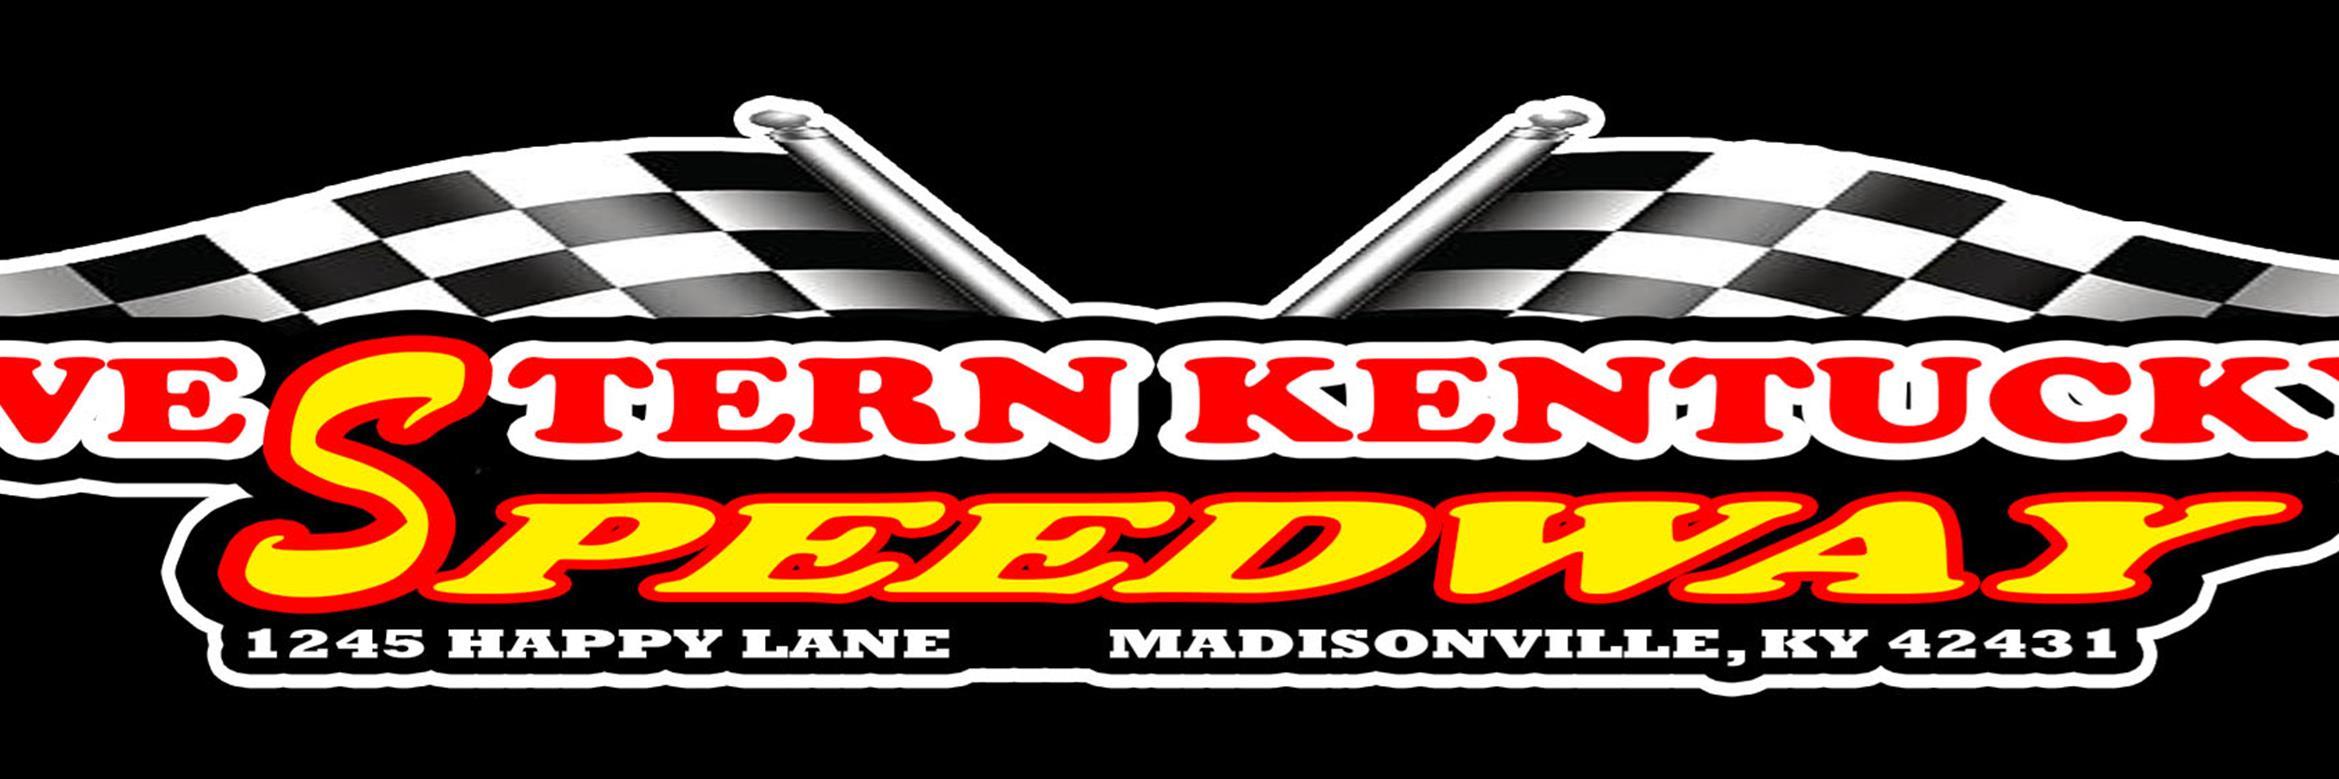 Western Kentucky Speedway